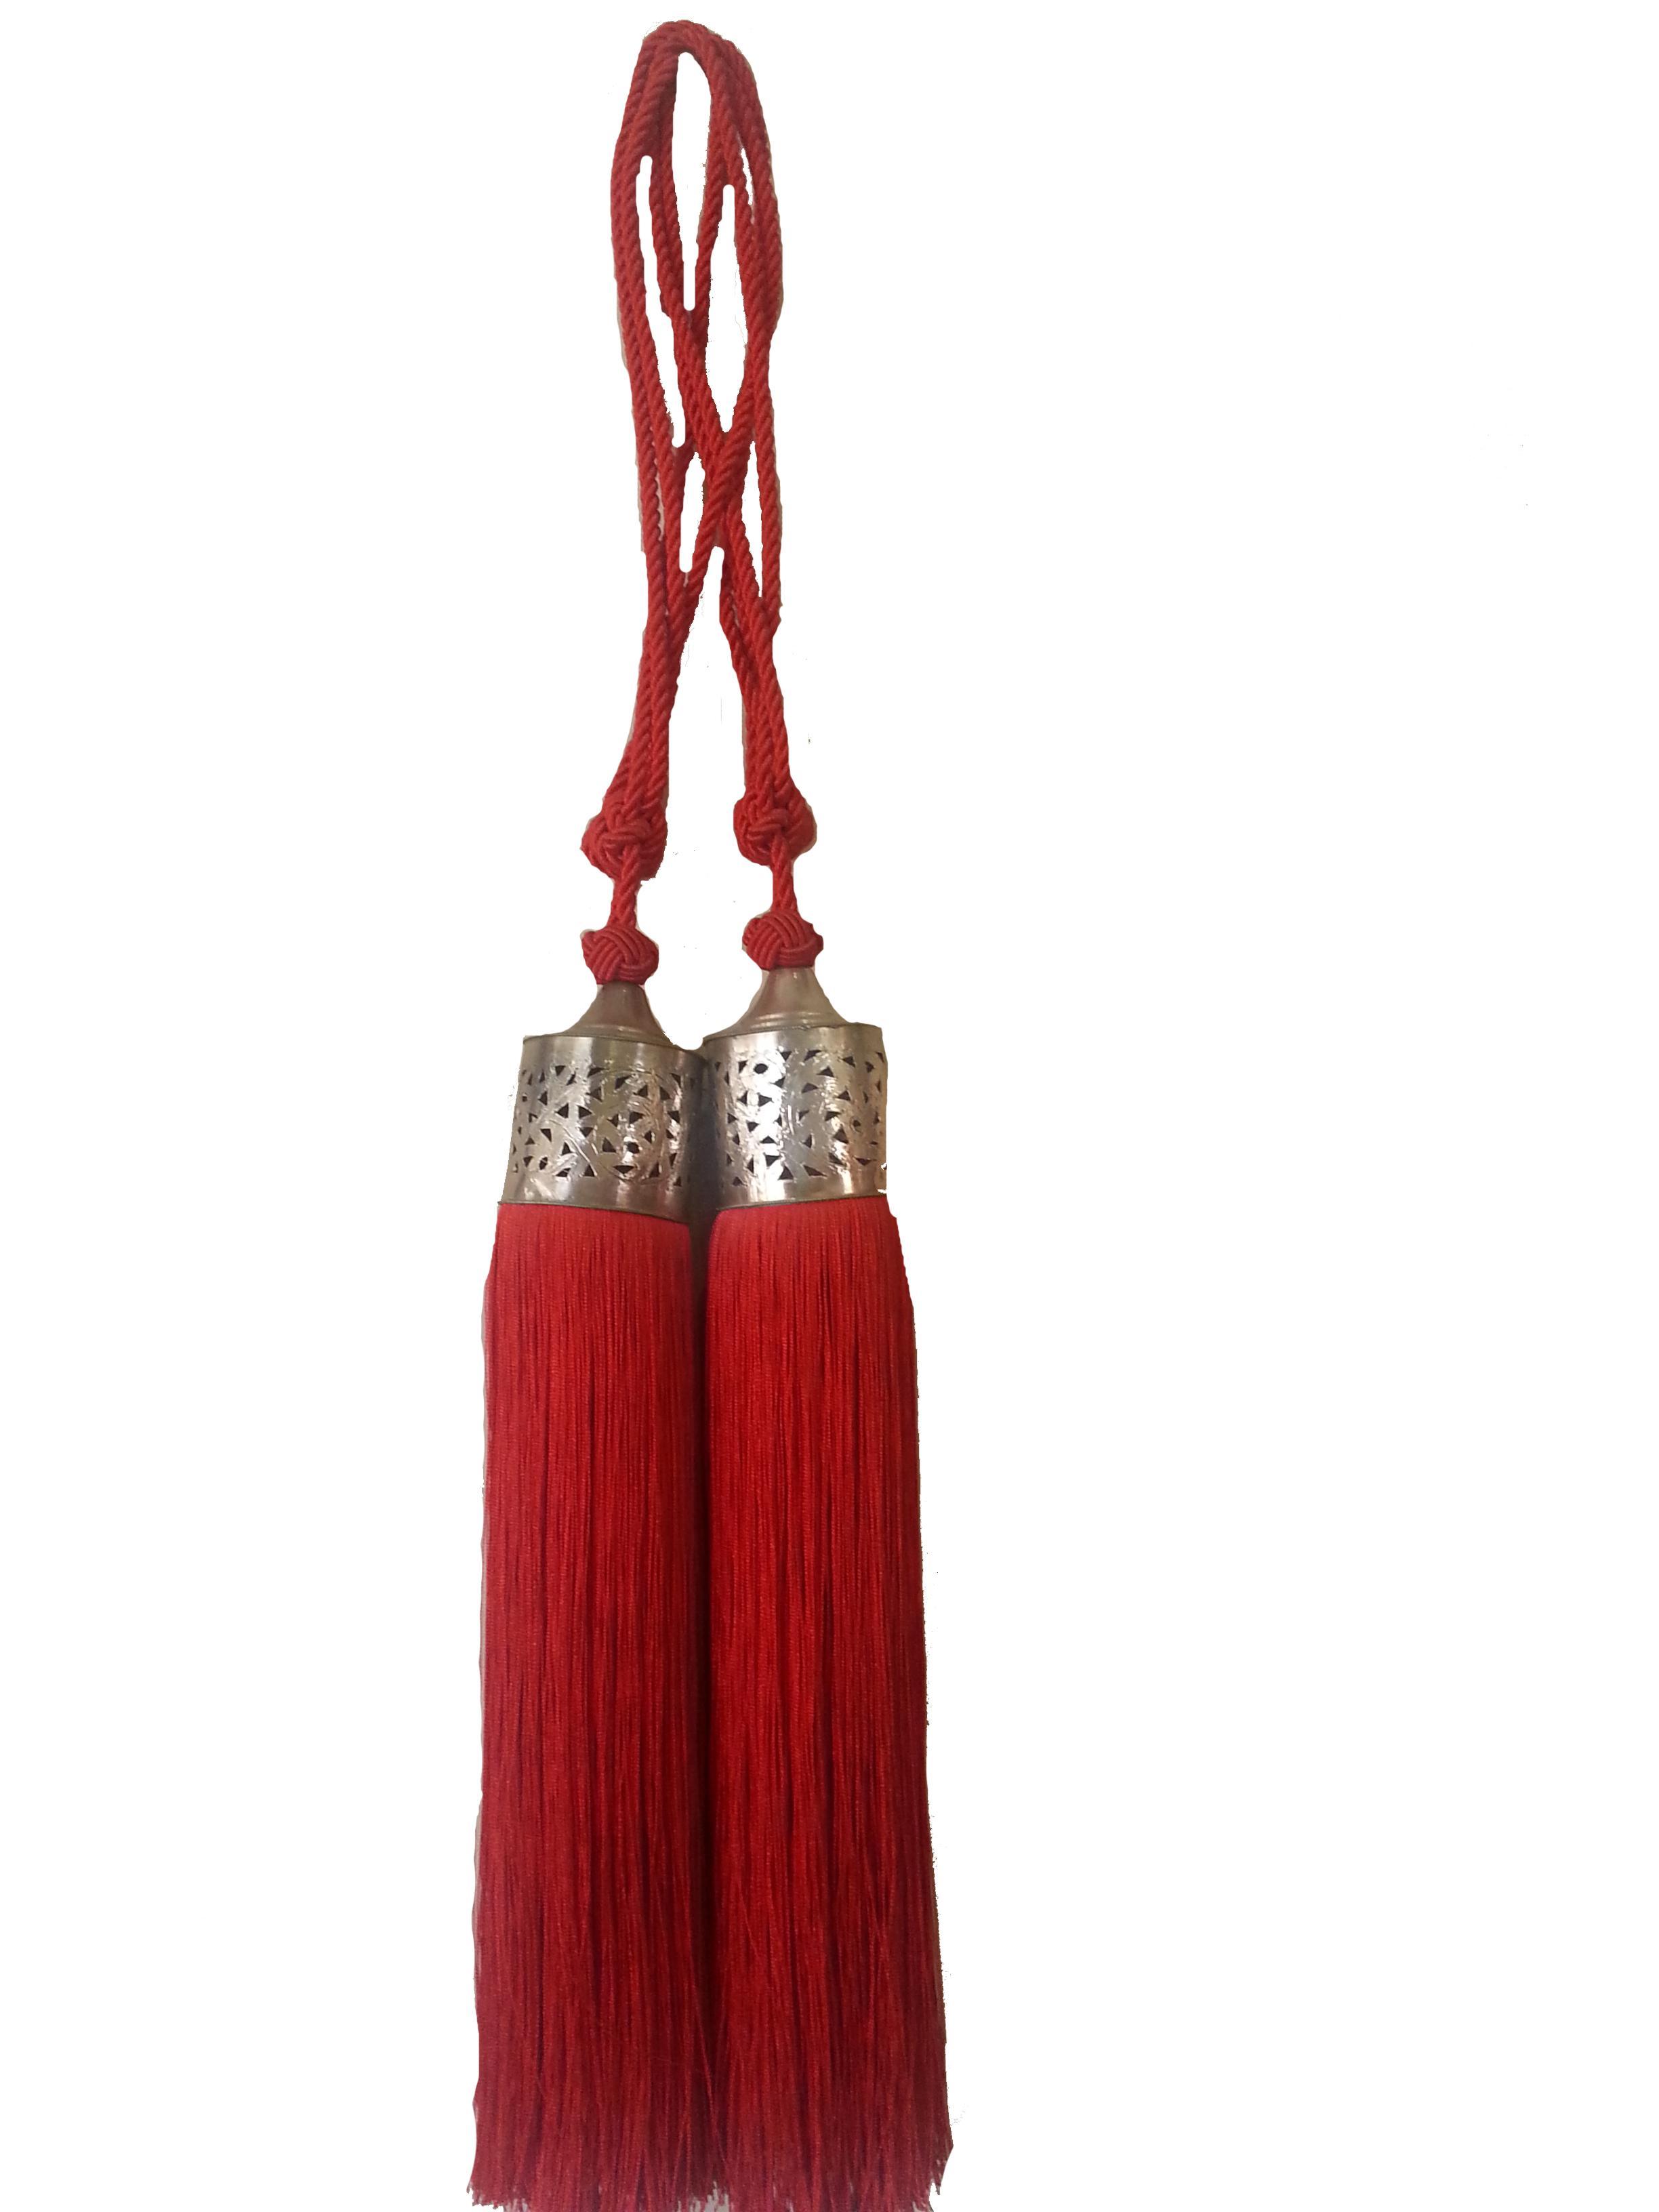 Moroccan Red Silk Tassel A Pair Chairish